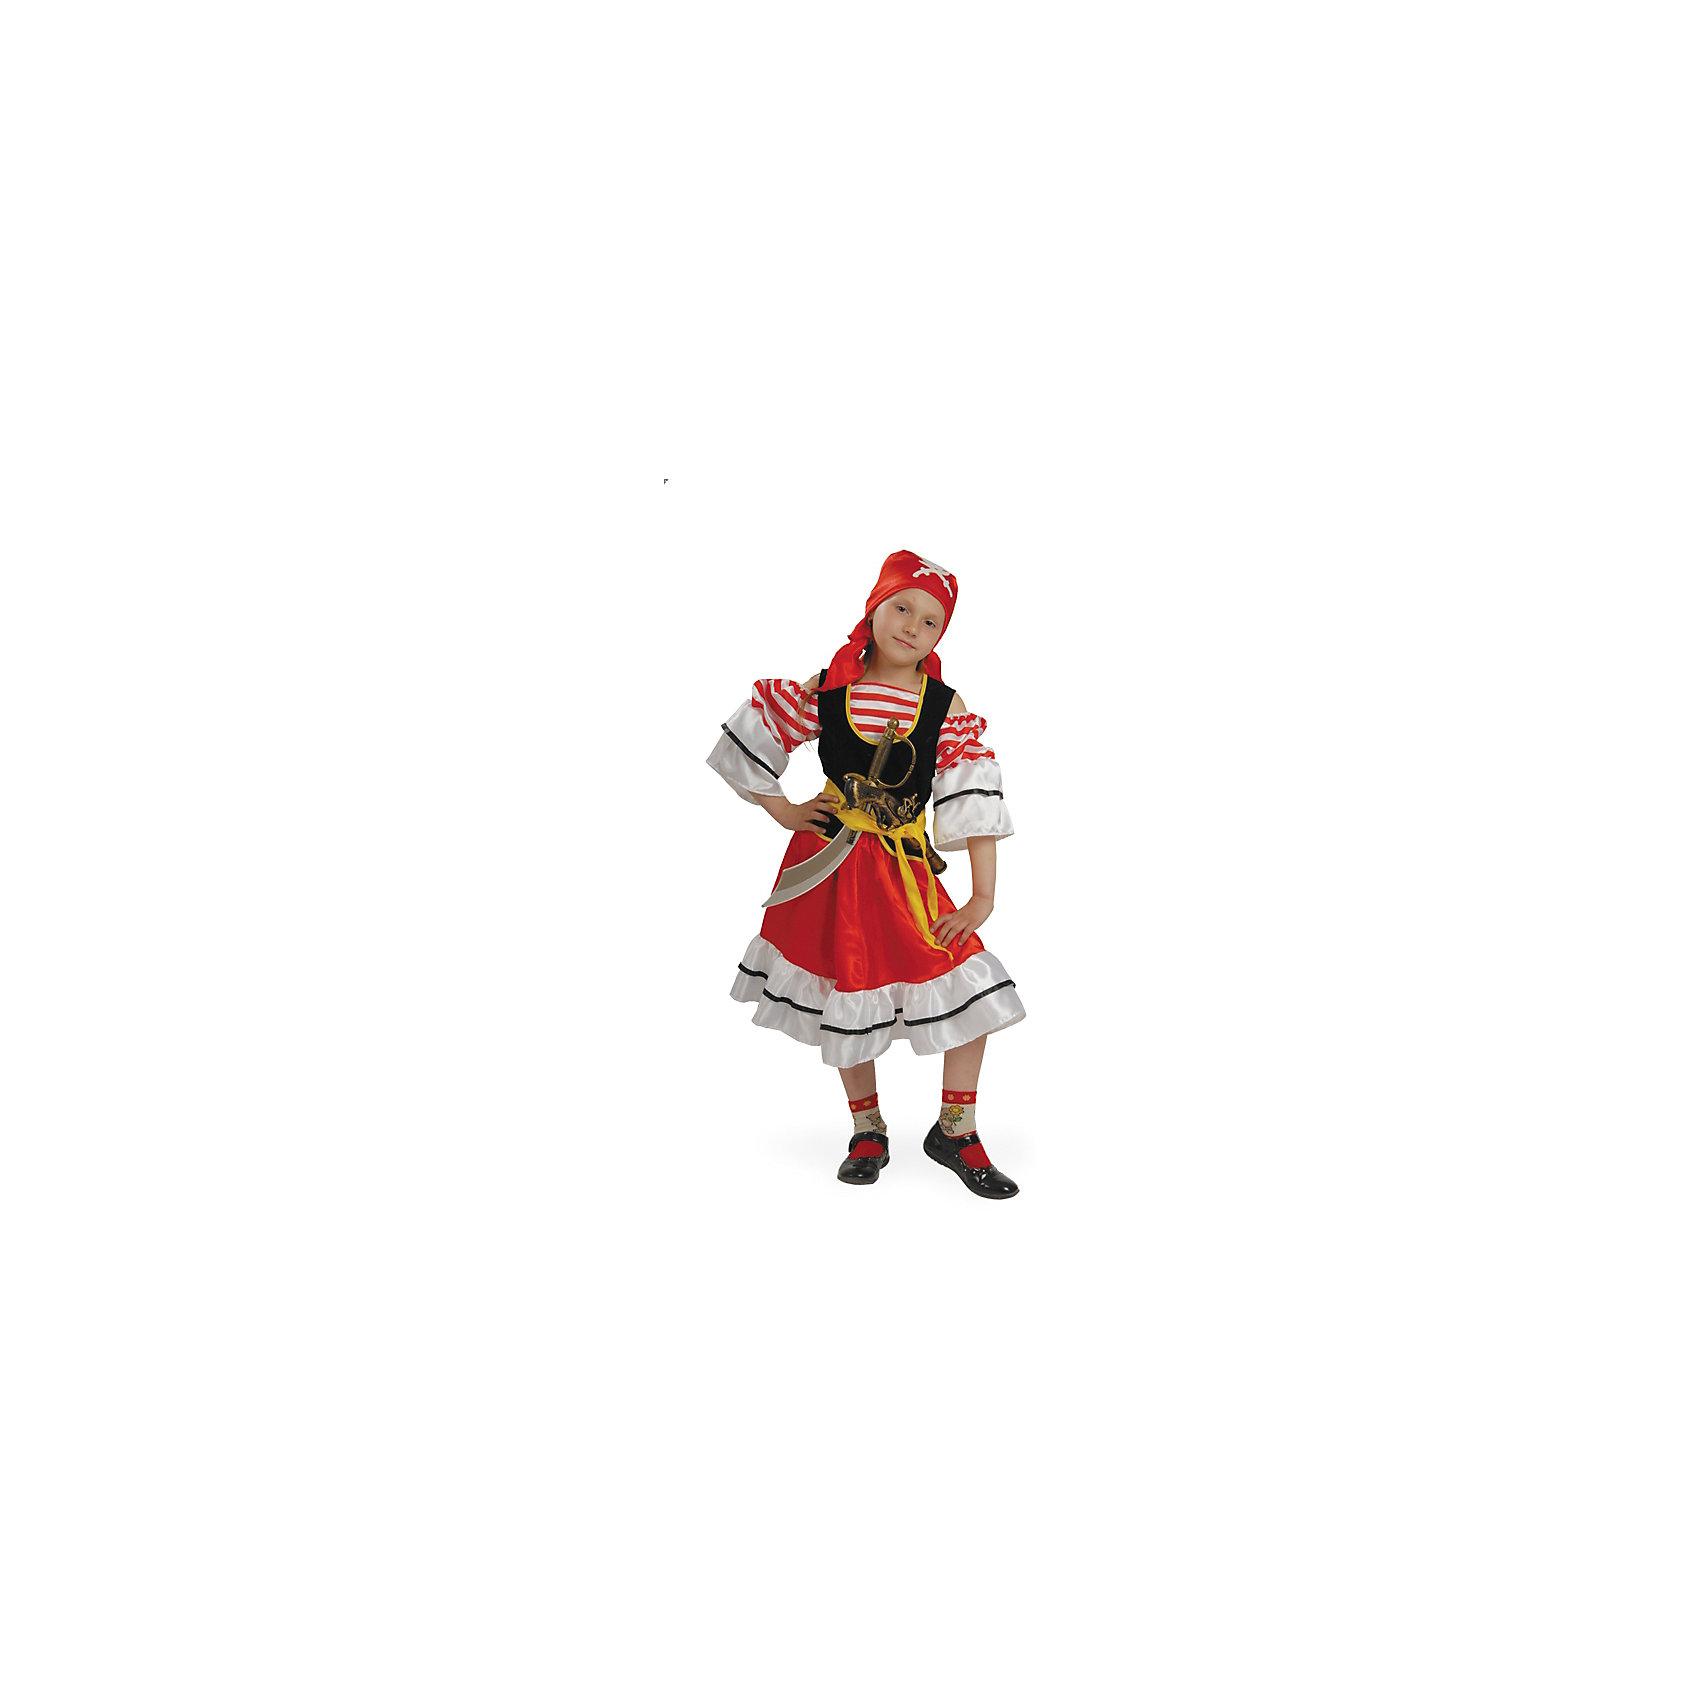 Карнавальный костюм Пиратка, БатикКарнавальный костюм Пиратка, Батик<br><br>Характеристики:<br><br>• Материал: 100% полиэстер.<br>• Цвет: красный, зеленый, золотой.<br><br>В комплекте:<br><br>• юбка;<br>• блуза-камзол;<br>• широкий пояс;<br>• шляпа;<br>• юбка;<br>• сабля и мушкет<br><br>Ваша девочка любит истории о приключениях и запрятанных сокровищах? Тогда этот карнавальный костюм «Пиратка» для неё! Белоснежная  блуза- камзол украшена кружевными рюшами и красными ленточками, а также золотым принтом. Шляпа и прозрачная юбка декорированы  пиратским принтом. Завершают образ мушкет и сабля. В таком карнавальном костюме, «Пиратка»,  ваша девочка получит максимальное удовольствие от праздника и подарит радость окружающим!<br><br>Карнавальный костюм Пиратка, Батик можно купить в нашем интернет – магазине.<br><br>Ширина мм: 500<br>Глубина мм: 50<br>Высота мм: 700<br>Вес г: 600<br>Цвет: разноцветный<br>Возраст от месяцев: 60<br>Возраст до месяцев: 72<br>Пол: Женский<br>Возраст: Детский<br>Размер: 30<br>SKU: 5092597